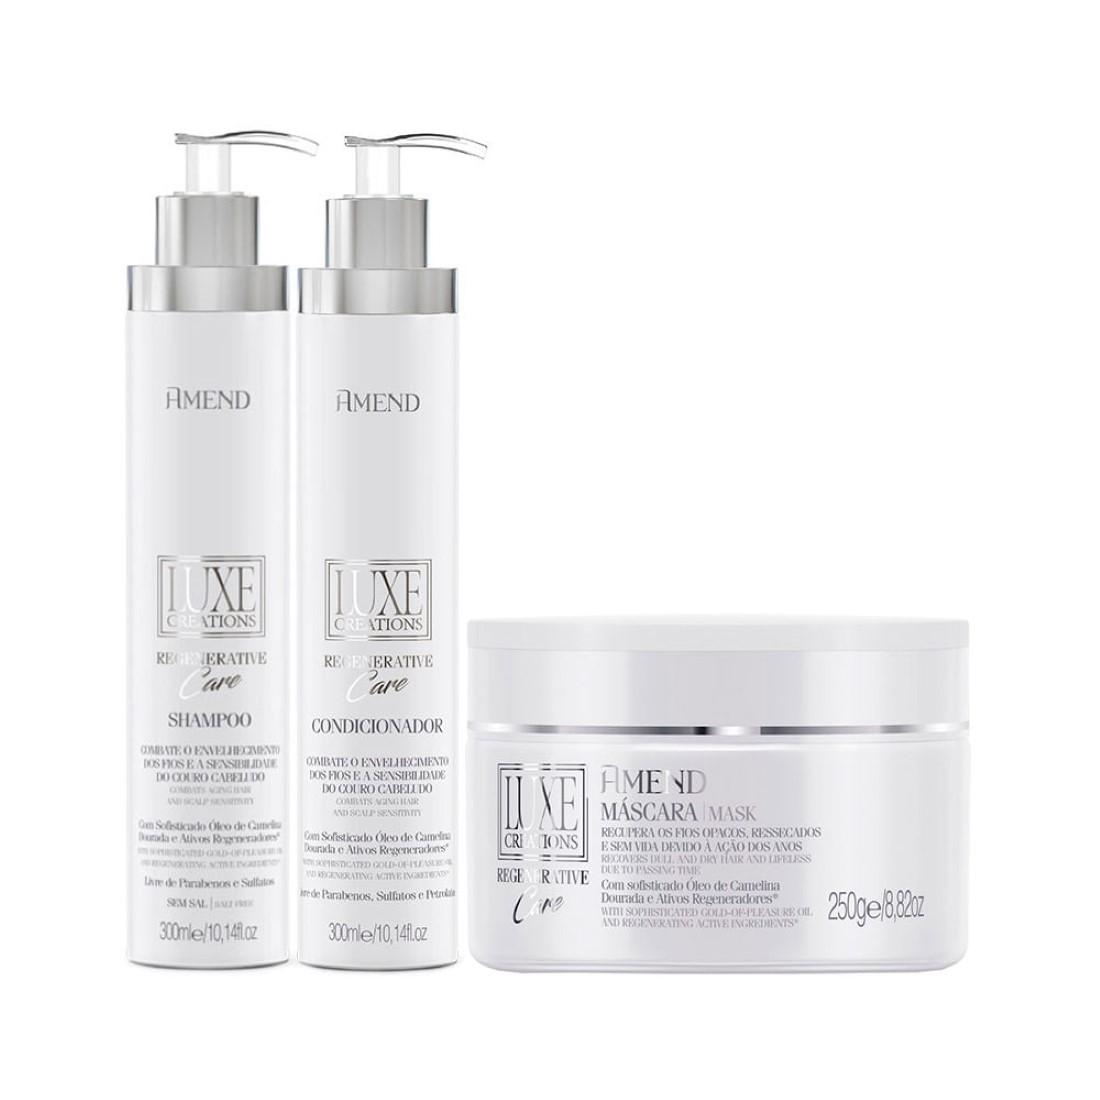 Kit Shampoo Condicionador e Máscara Luxe Creations Regenerative Care - Amend